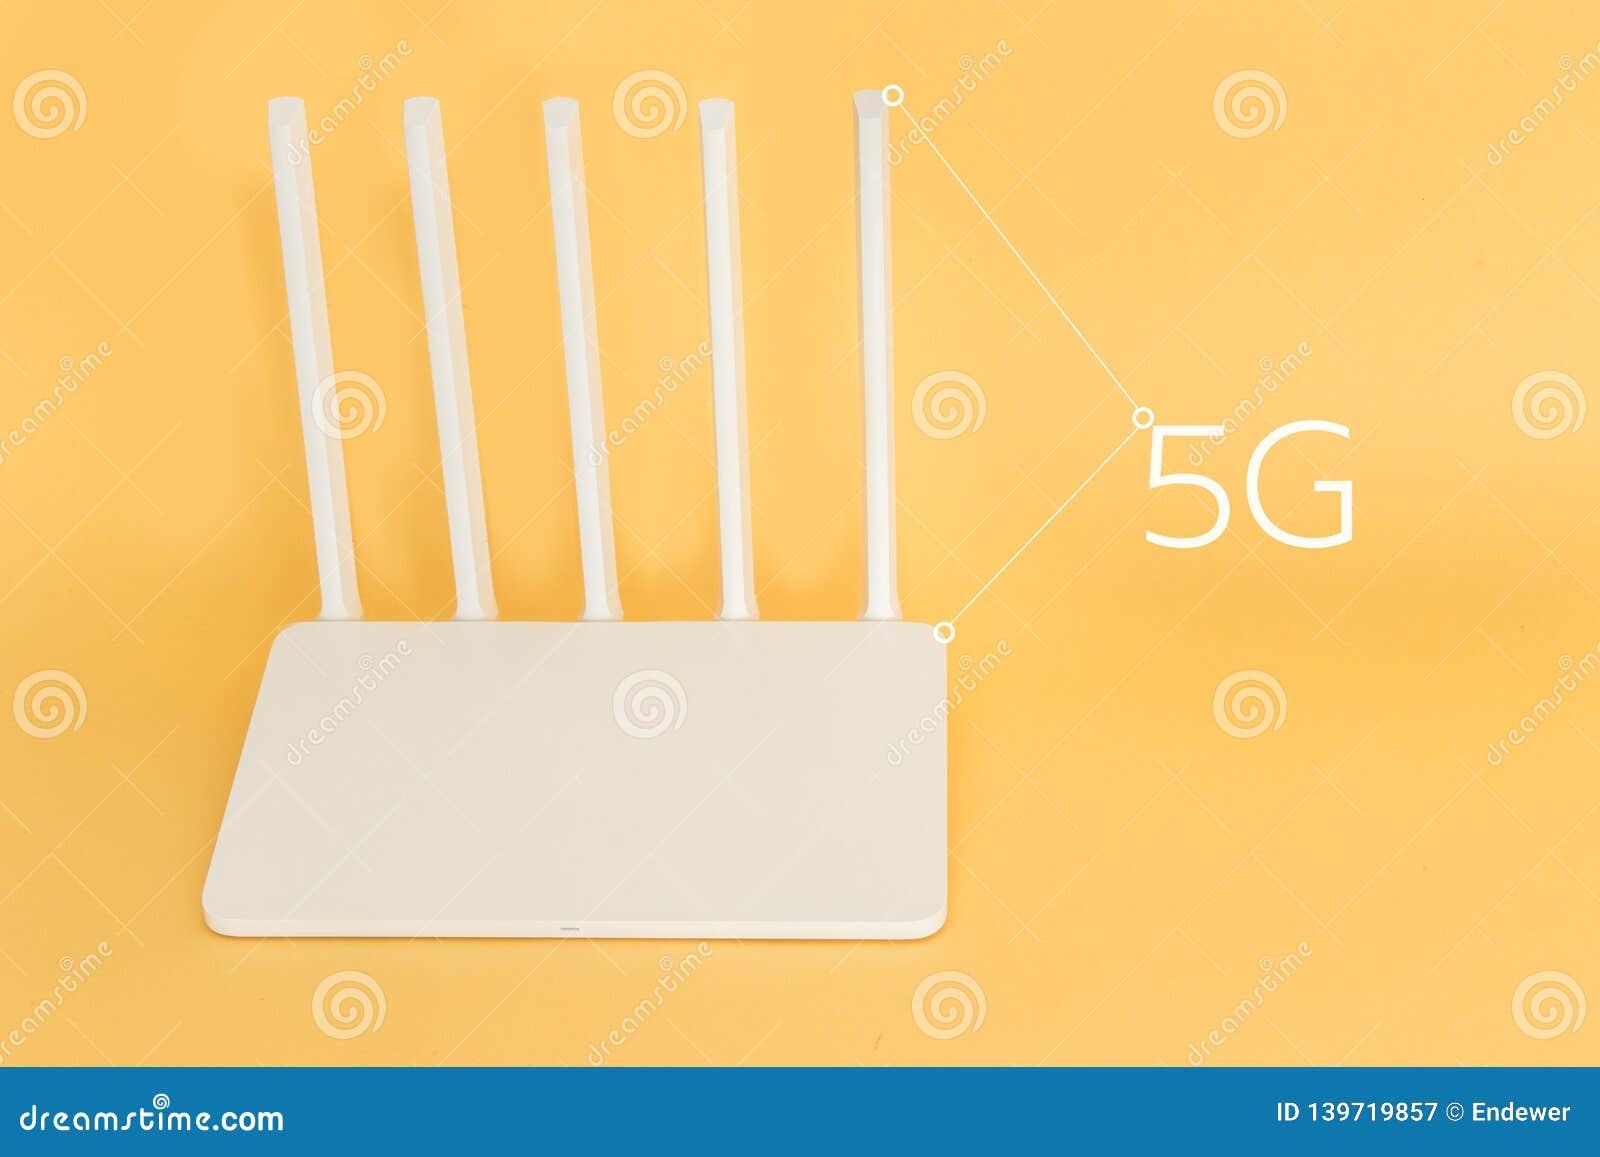 Biały 5g wifi router na żółtym tle